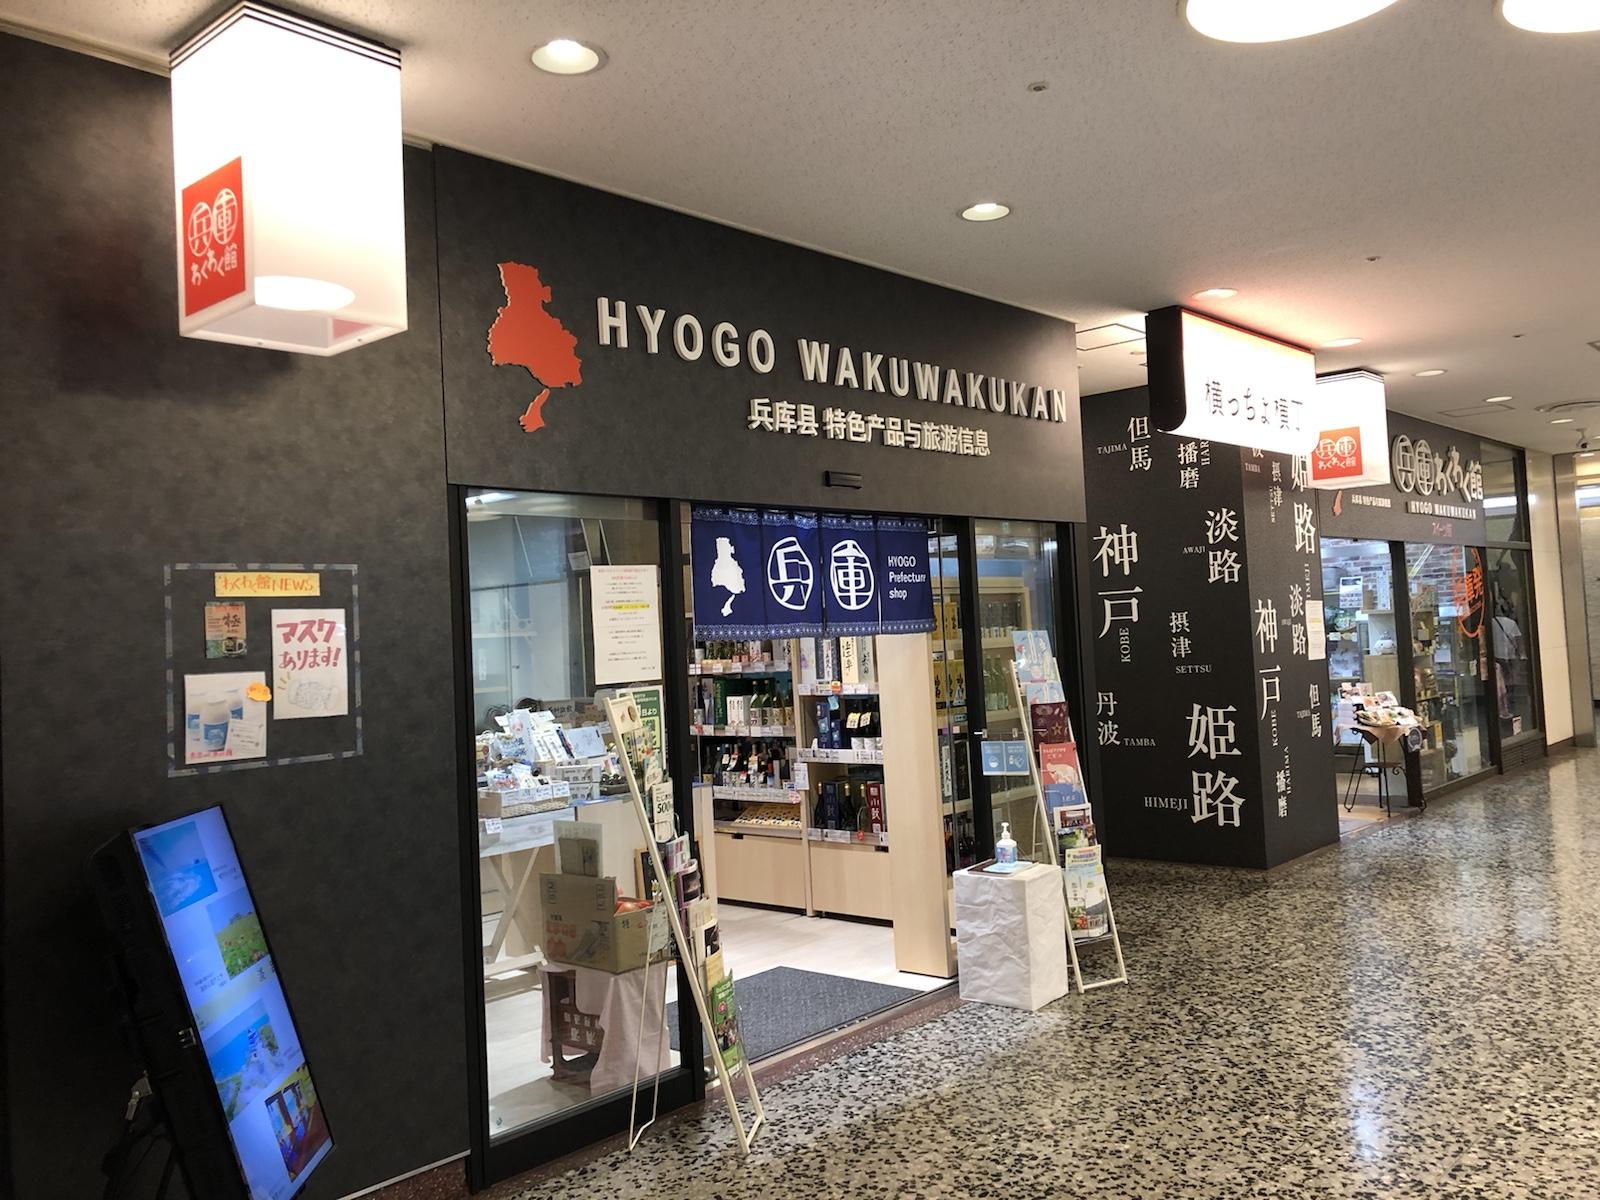 有楽町「兵庫わくわく館」大幅リニューアルで地元の名産たっぷり!